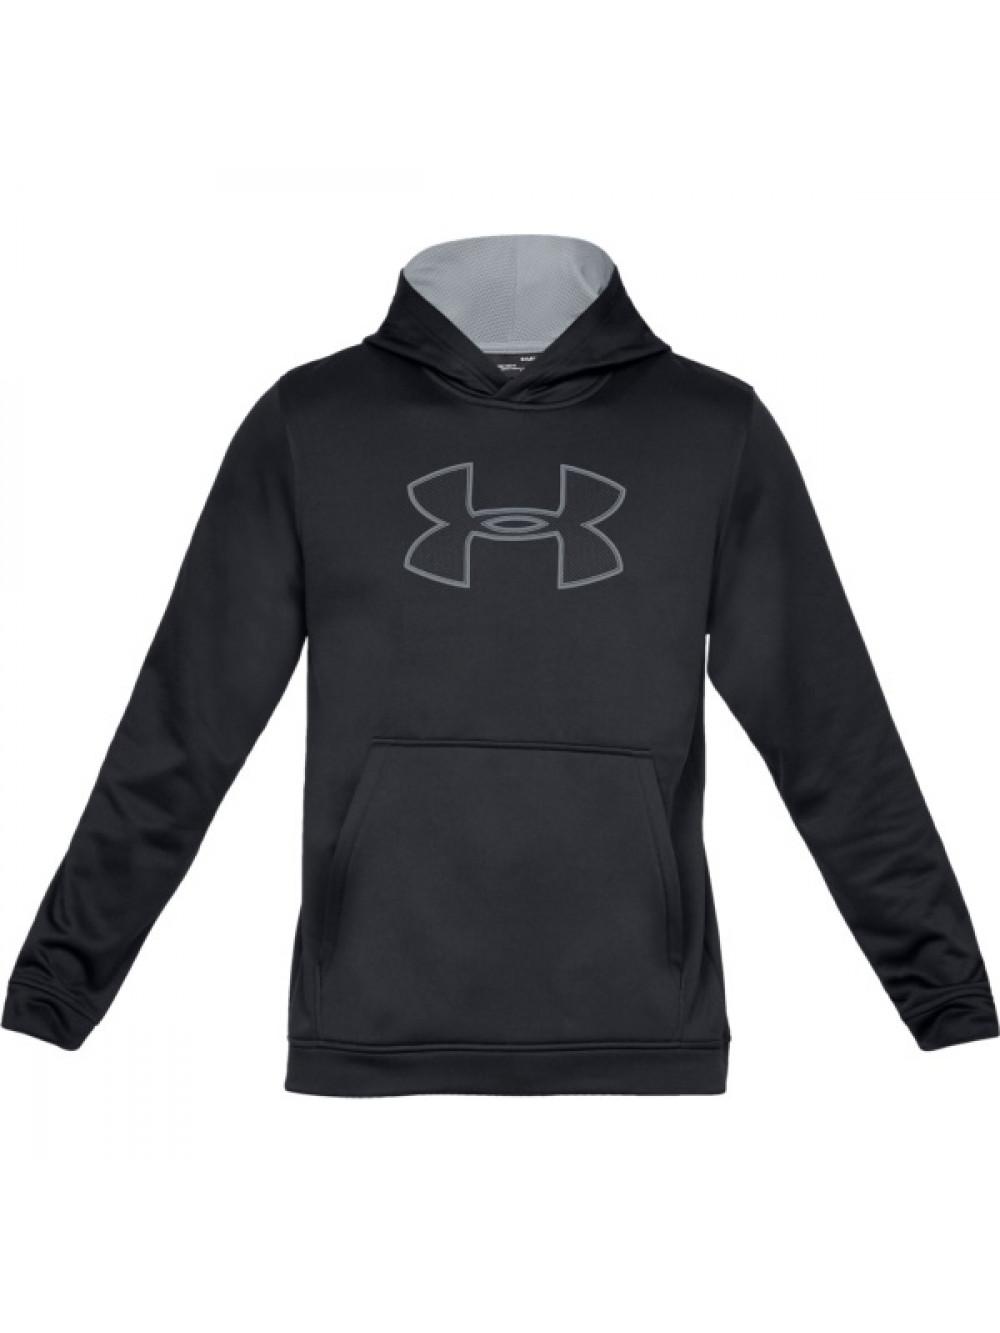 pretty nice 2102a be295 Herren Sweatshirt Under Armour Performance Fleece Graphic Hoody Schwarz